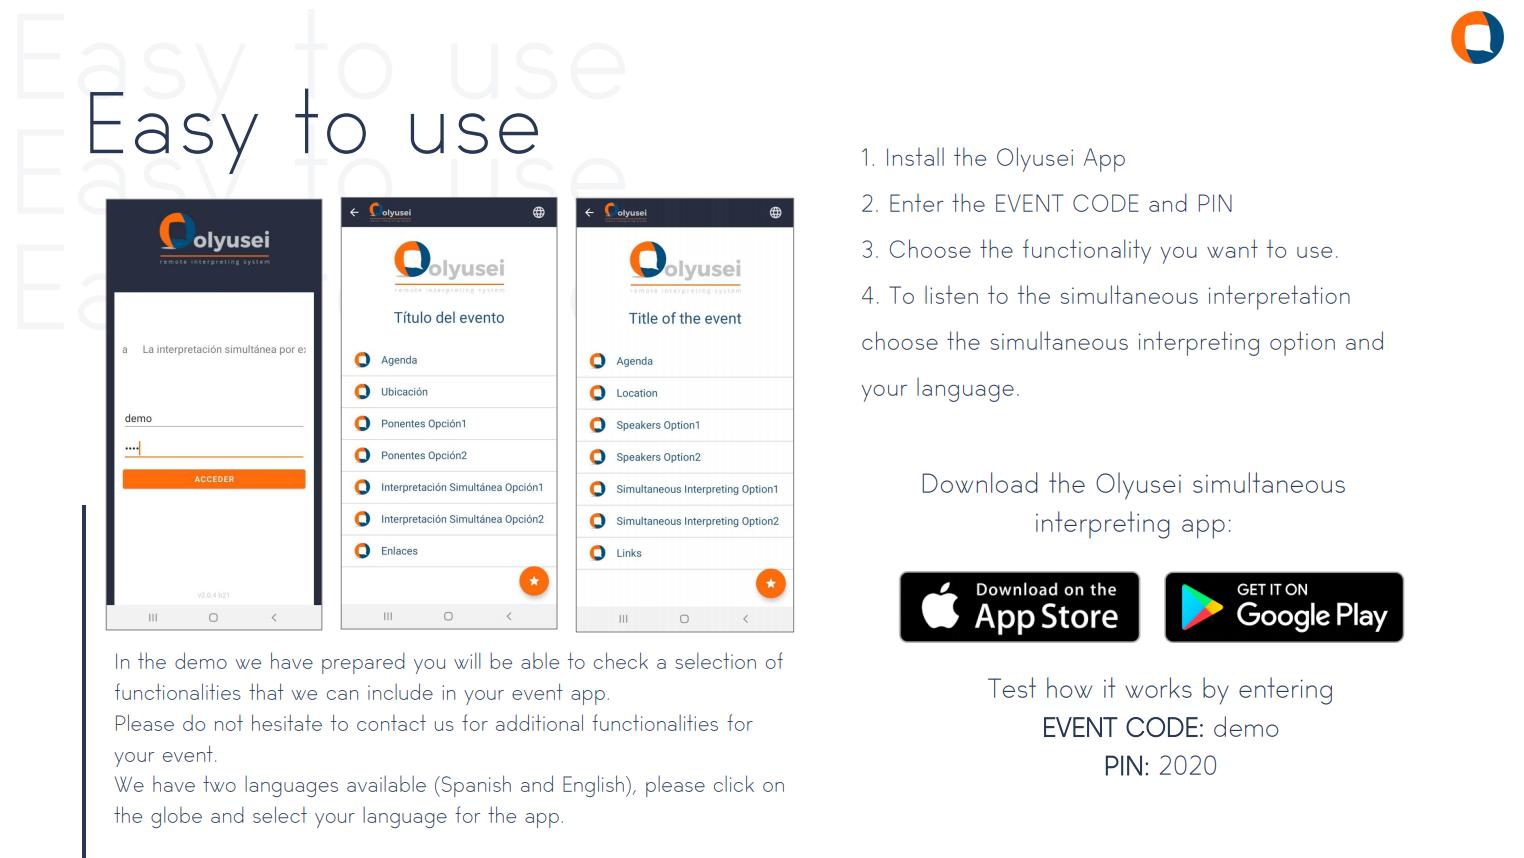 Olyusei screenshot